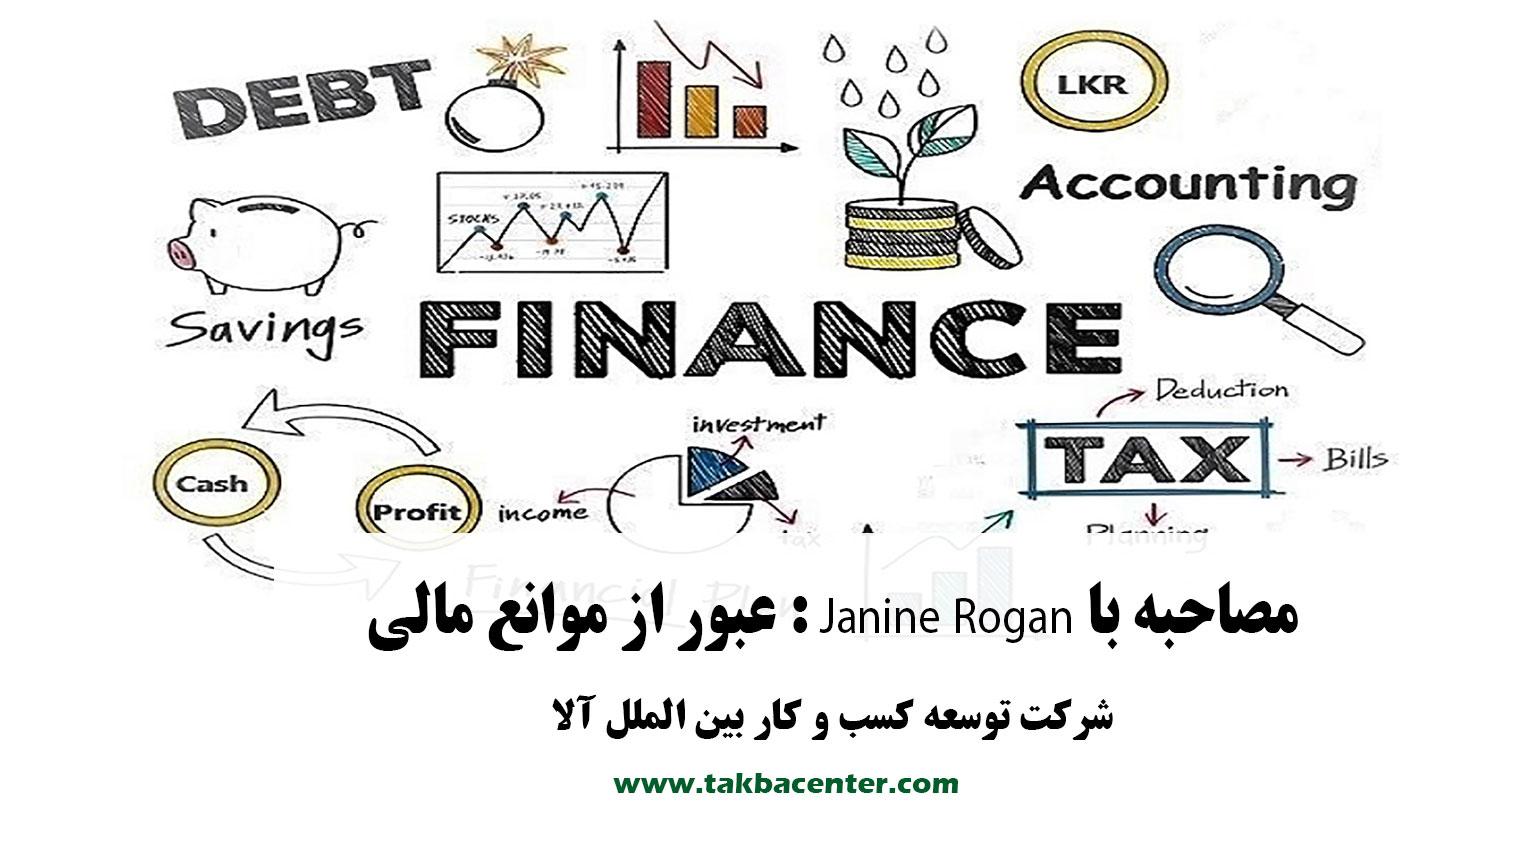 مصاحبه با Janine Rogan : عبور از موانع مالی